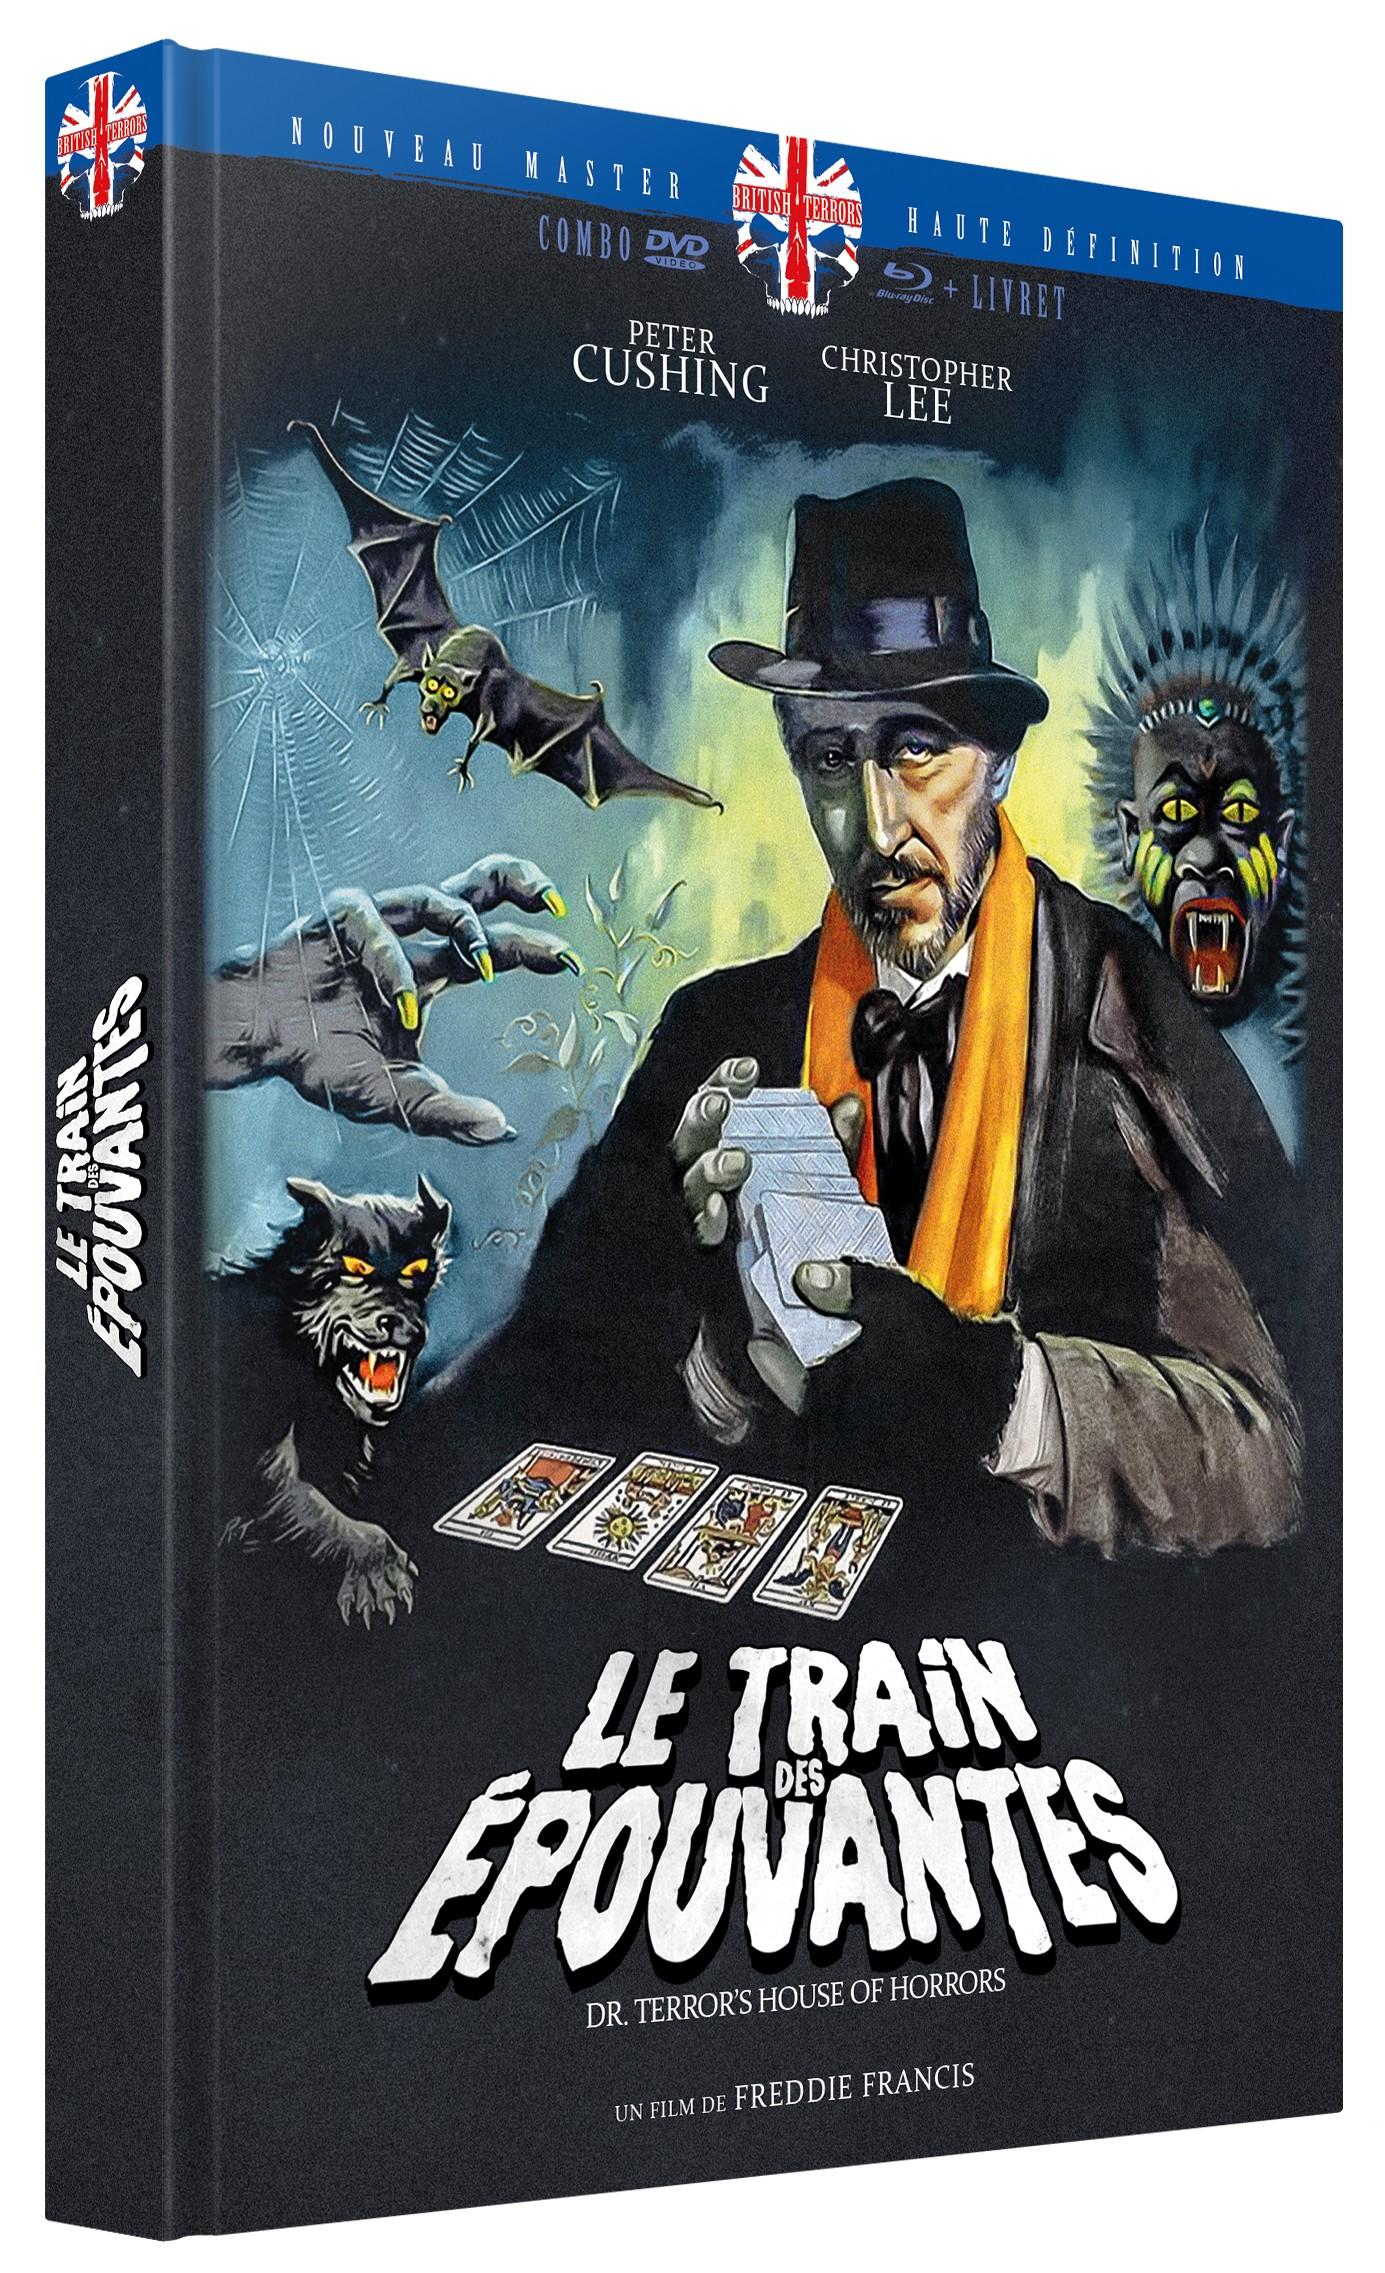 LE TRAIN DES EPOUVANTES